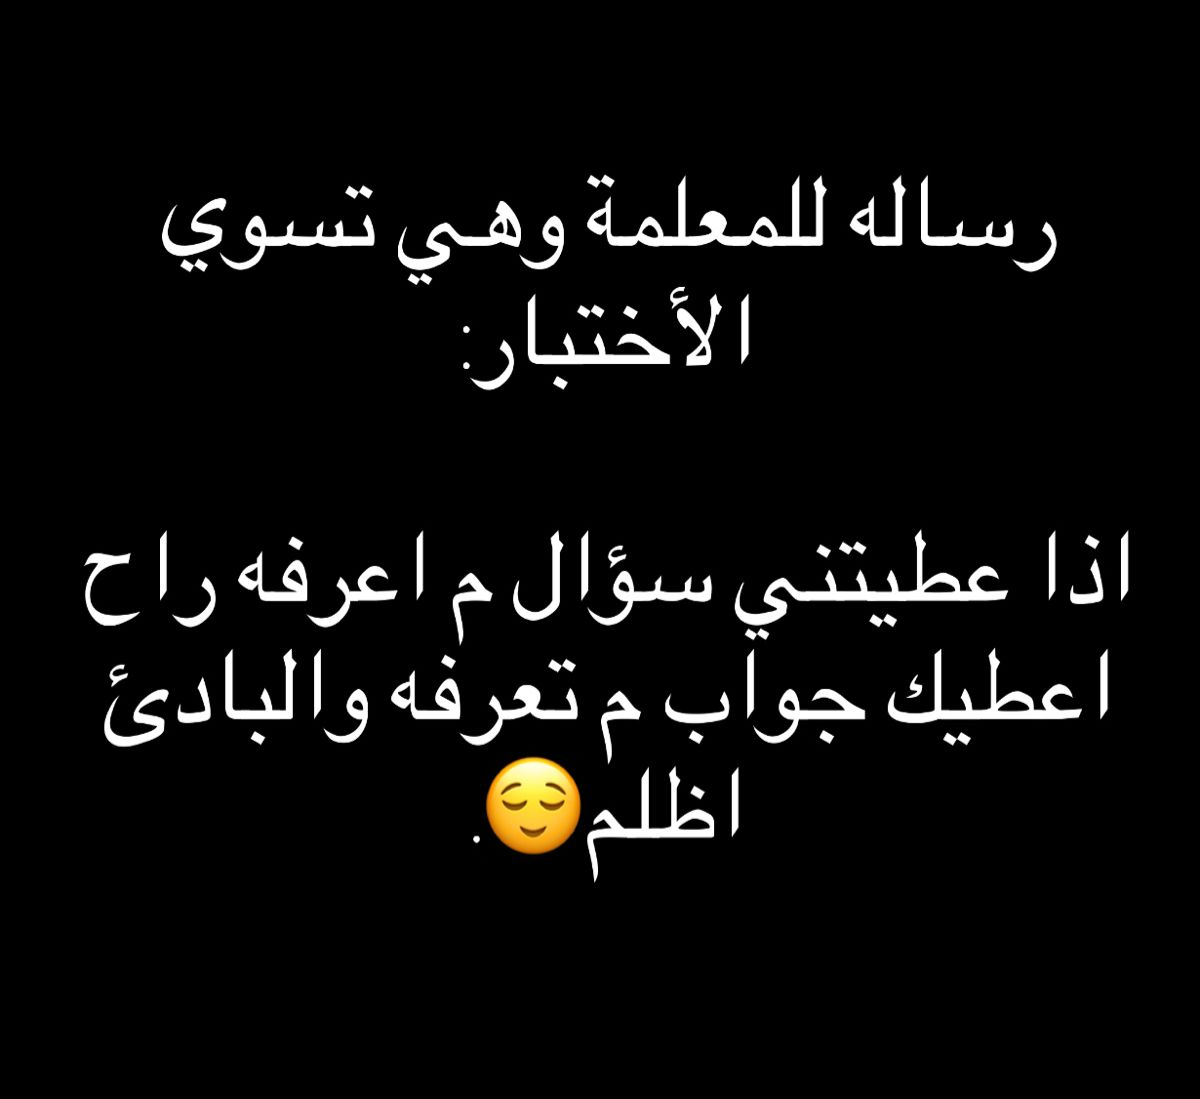 عطيني سؤال محترم اعطيك اجابة محترمه غيره لا Funny Moments Arabic Calligraphy